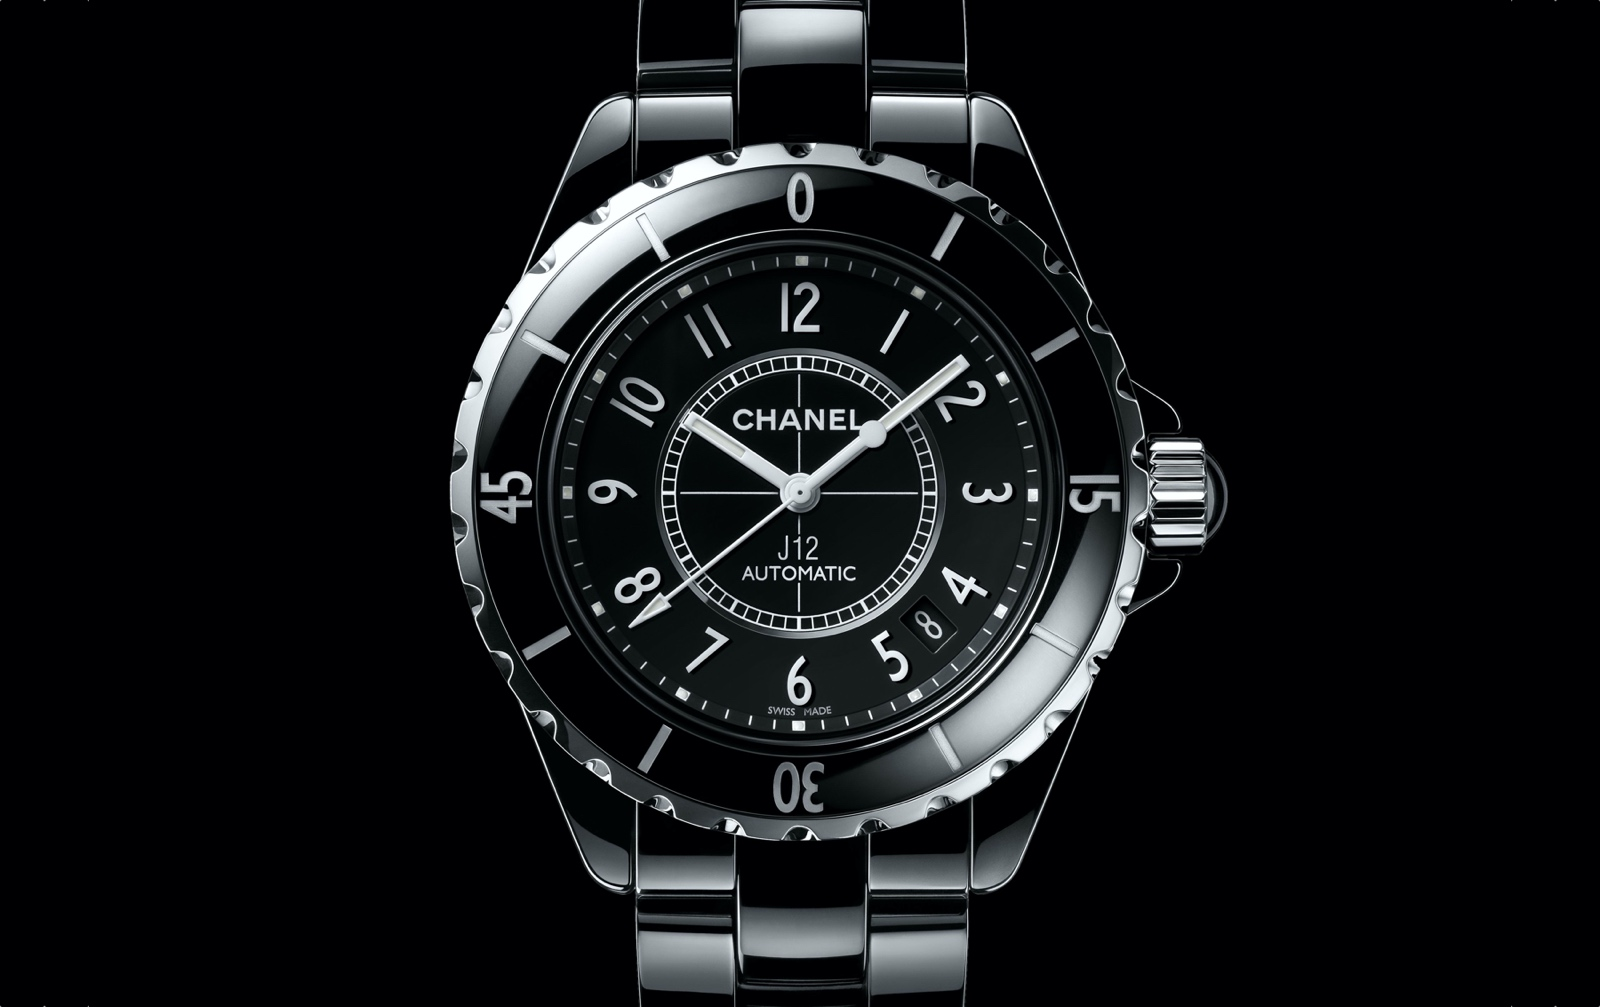 Historia del Chanel J12 - 2000 H0685